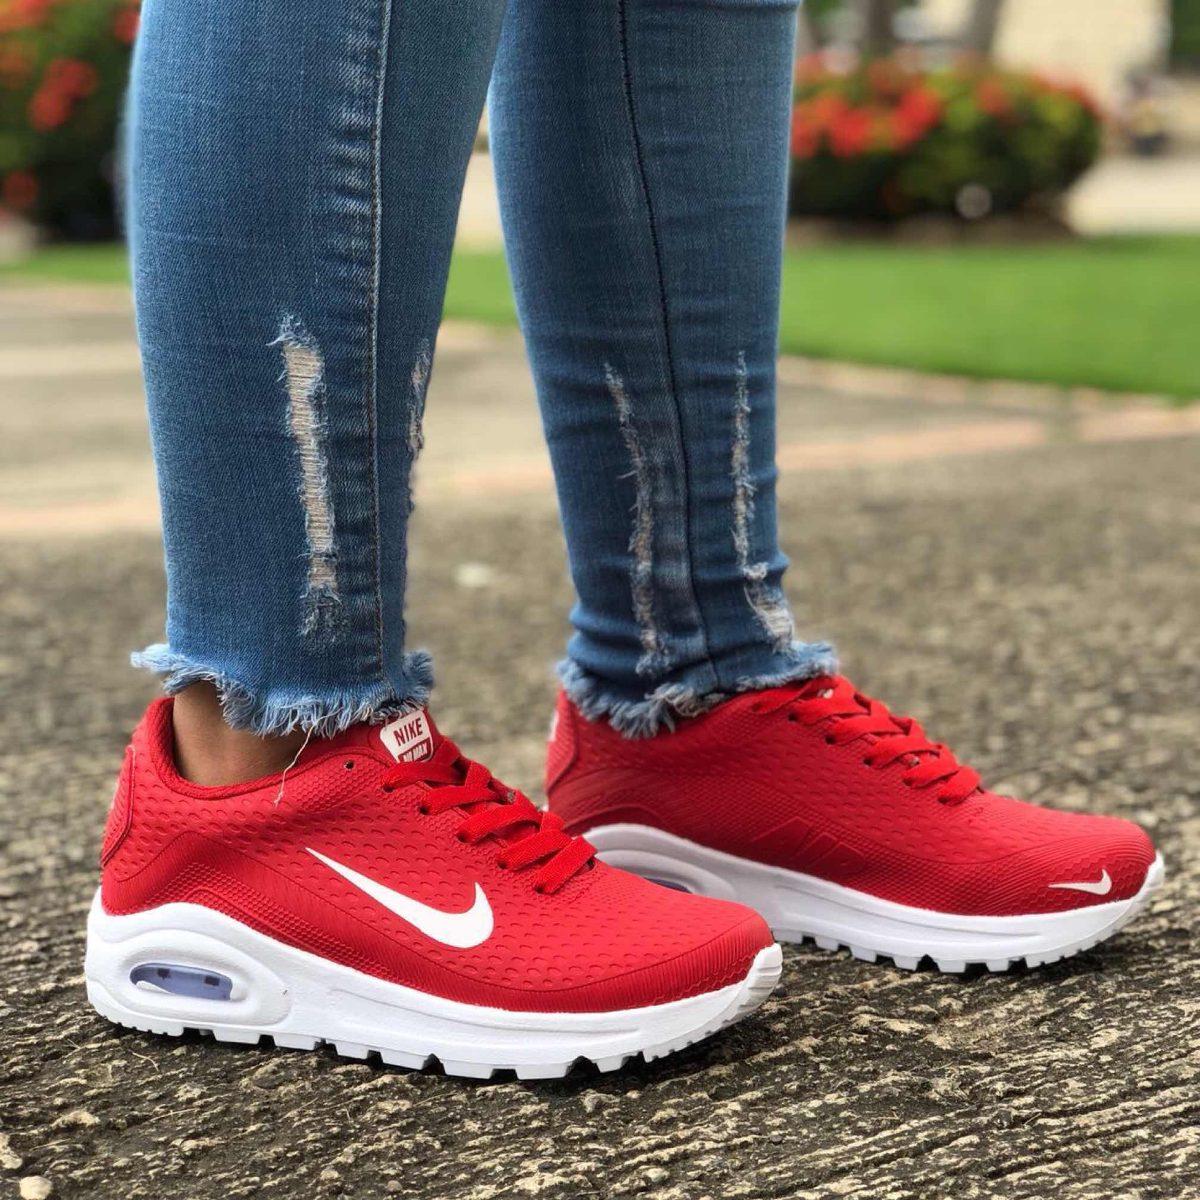 Deportivo Zapato Rojo Tenis Nike Mujer Dama oBdCex